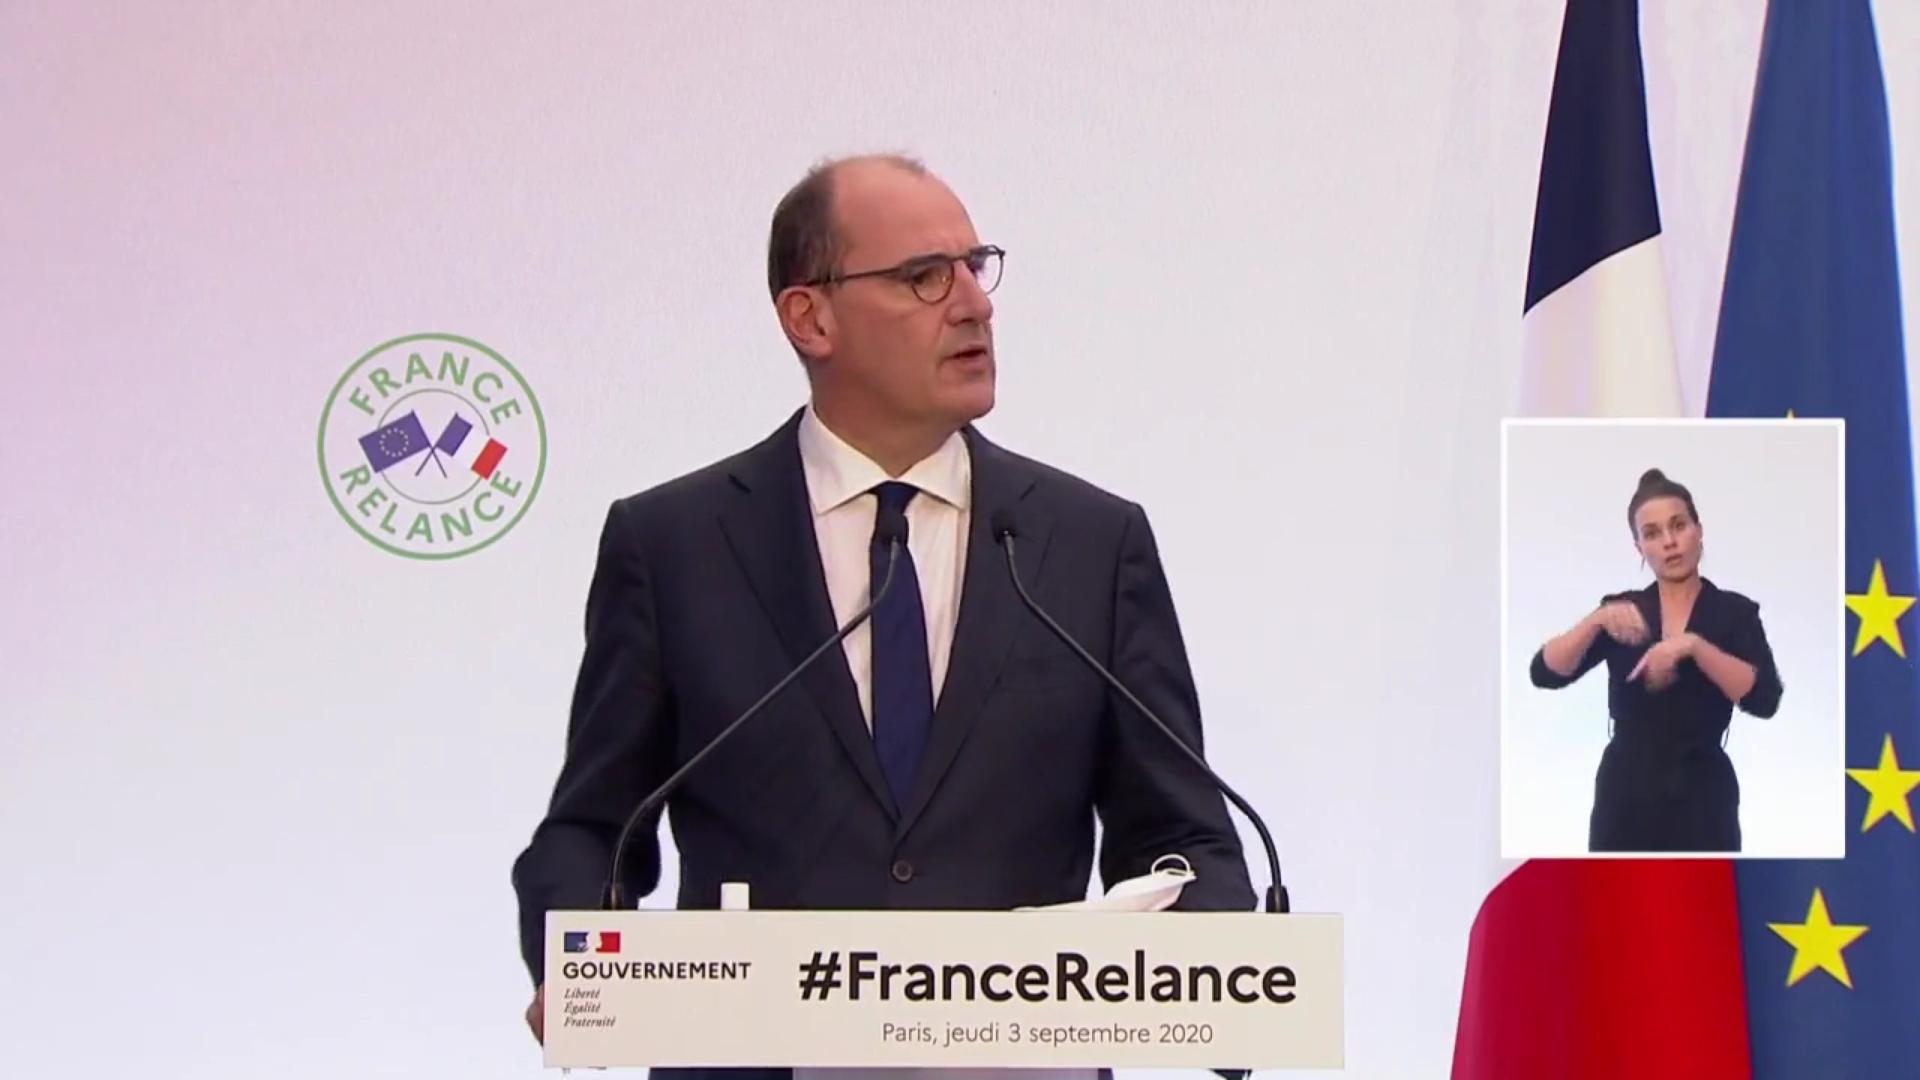 [Vidéo] Onews. Le Premier Ministre dévoile son plan France relance face à la crise sanitaire d'un montant de 100 milliards.